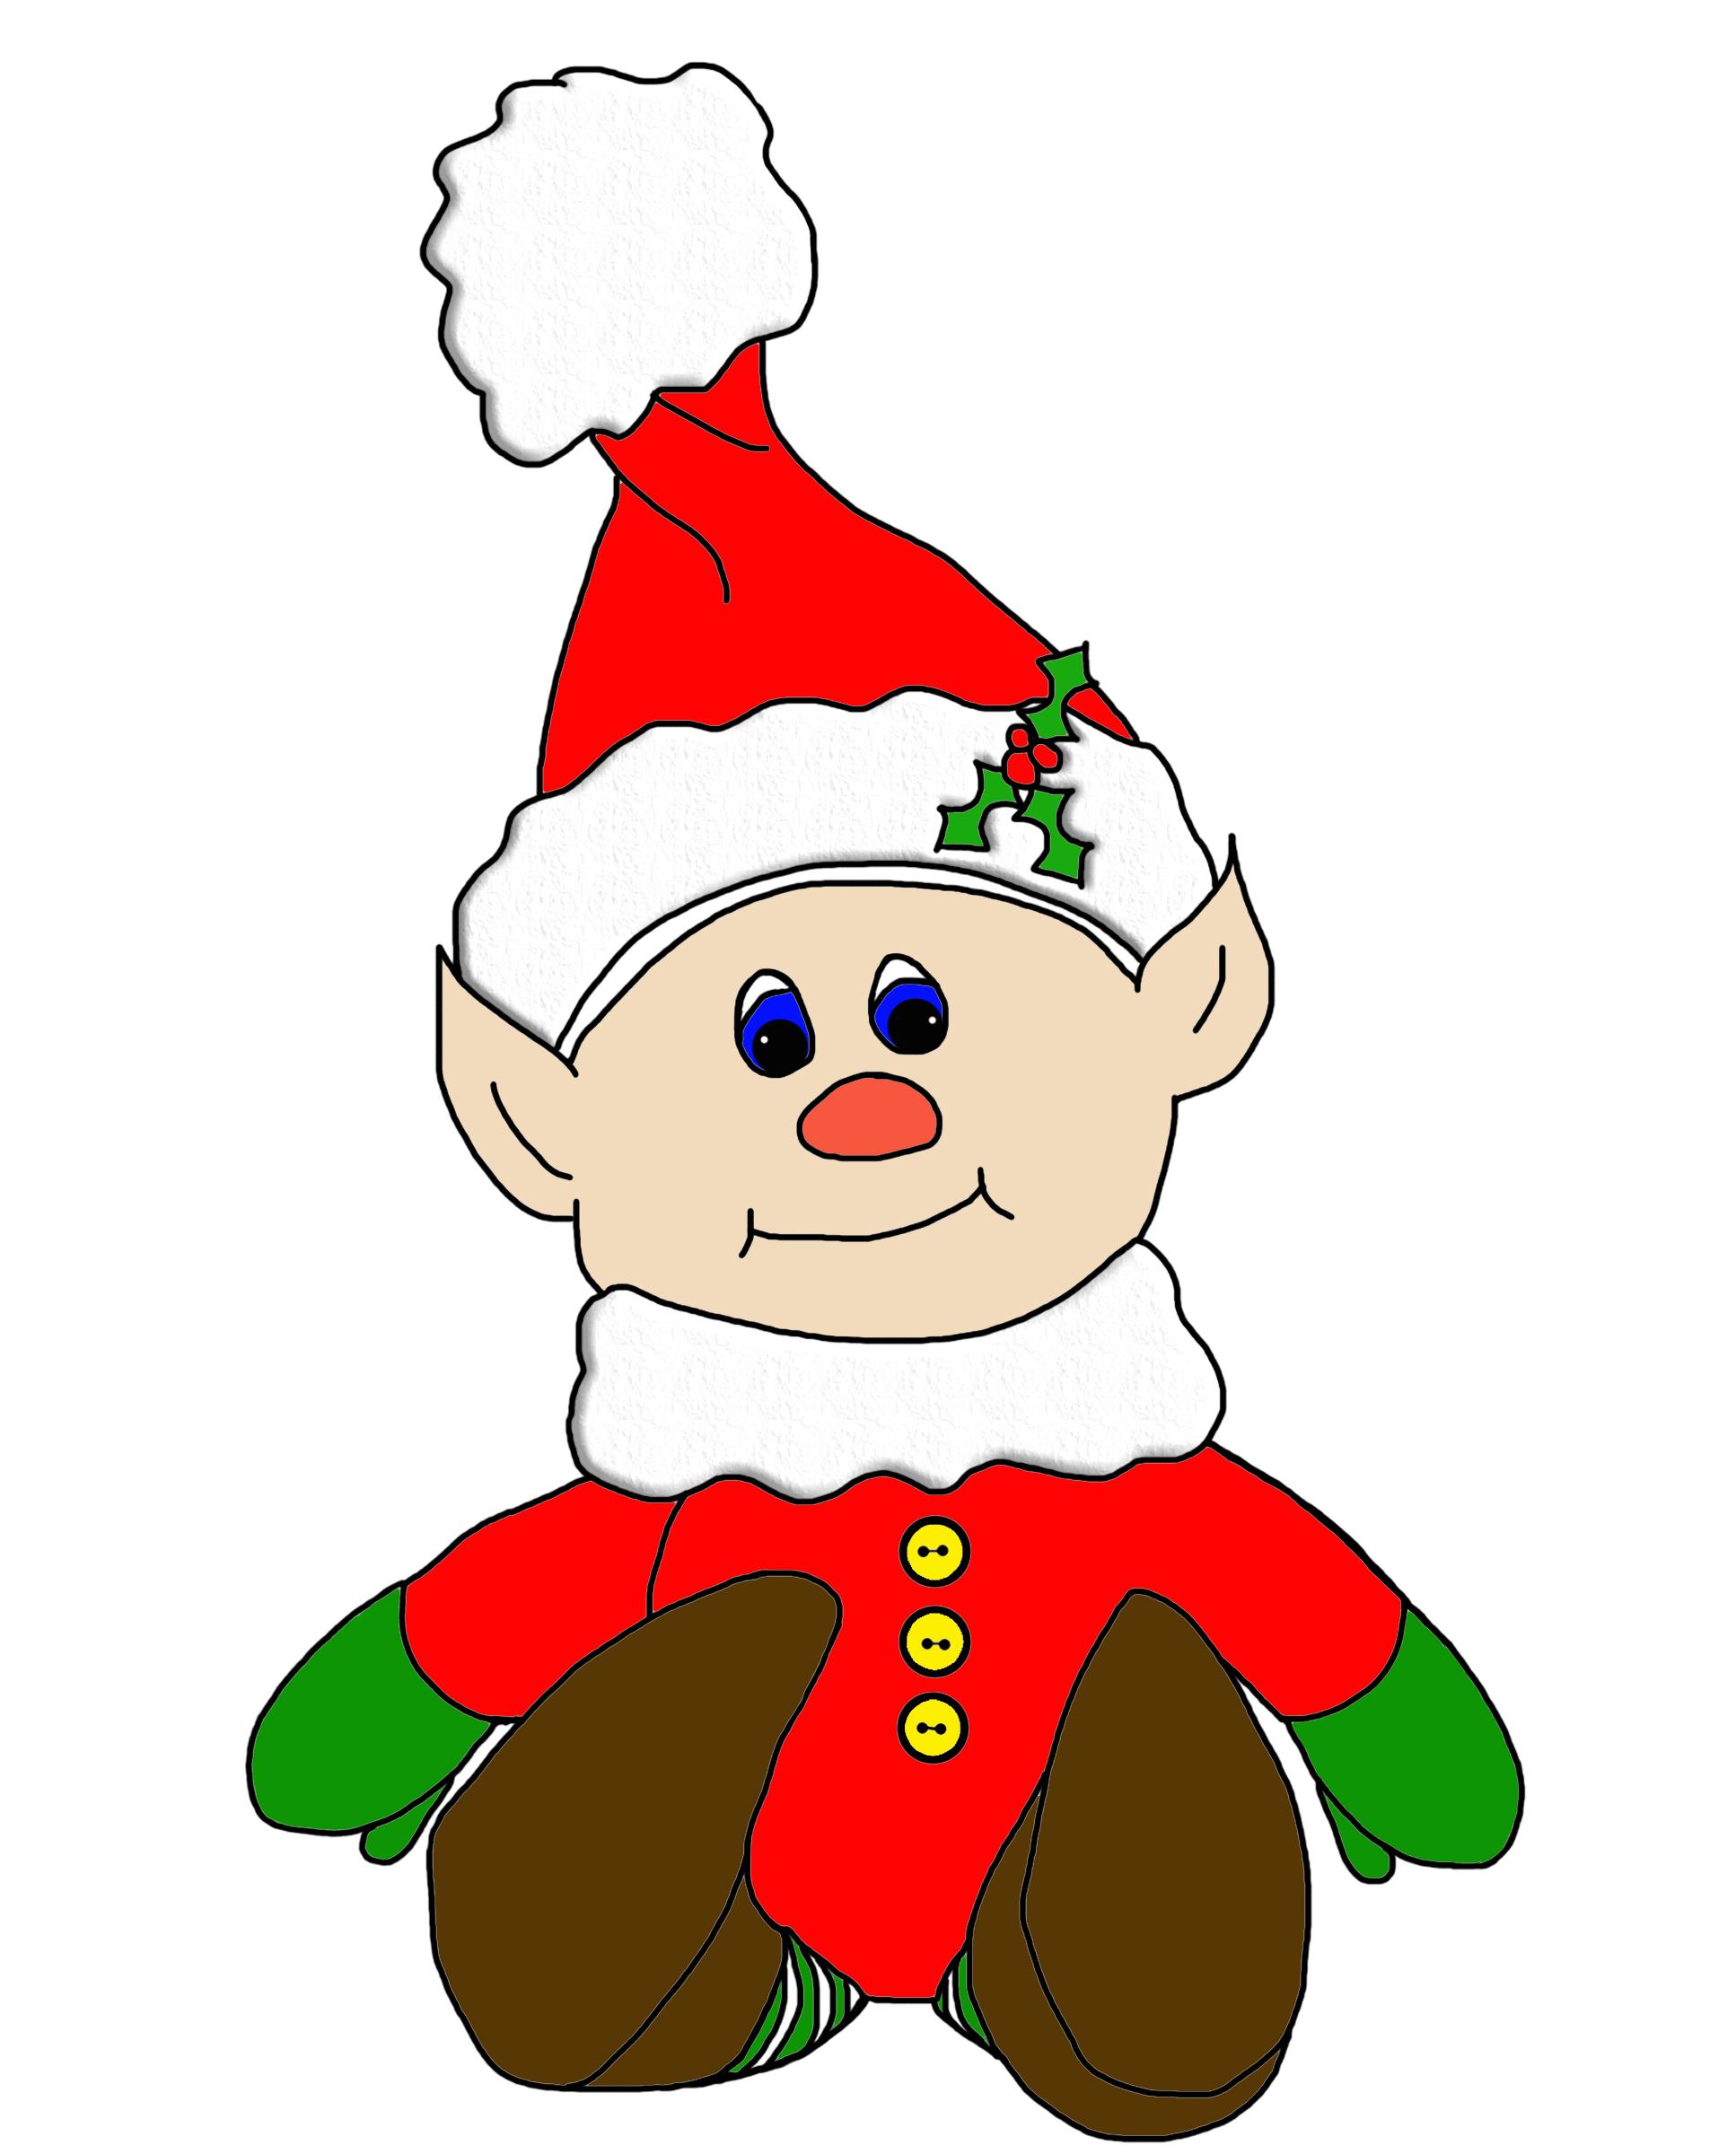 Christmas Elf Image.